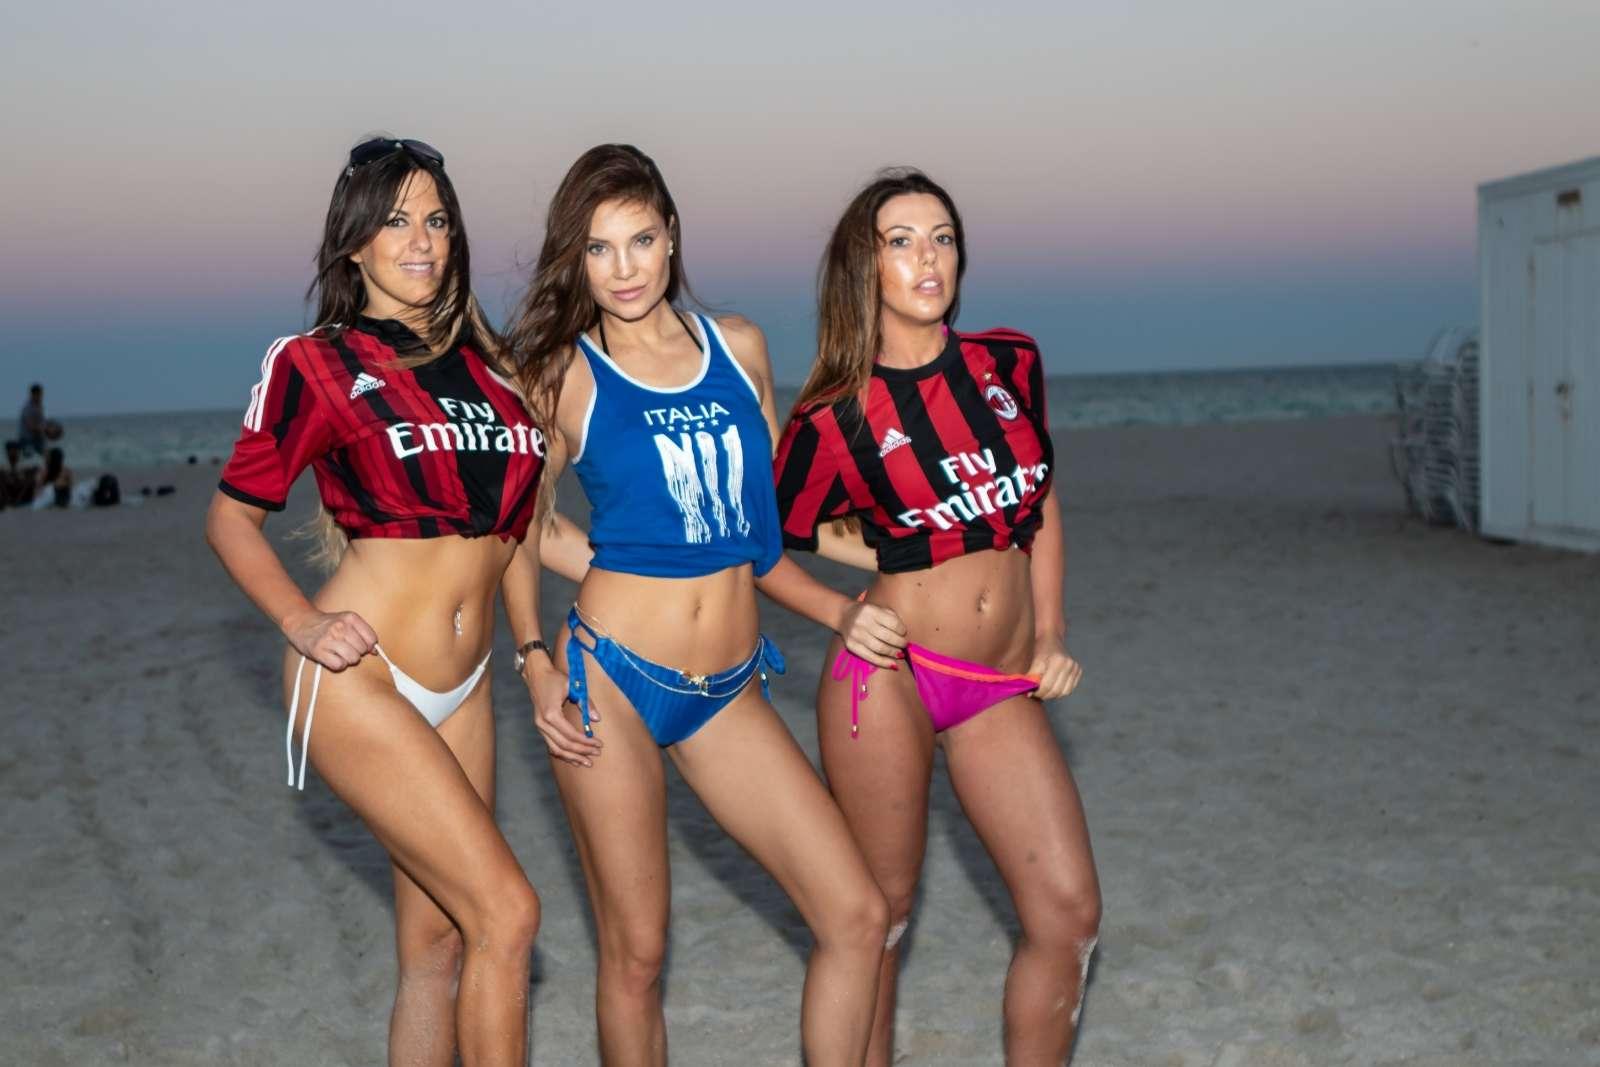 Claudia Romani 2018 : Claudia Romani, Laura Bragato and Julia Pereira in Bikini and Soccer Jerseys -11